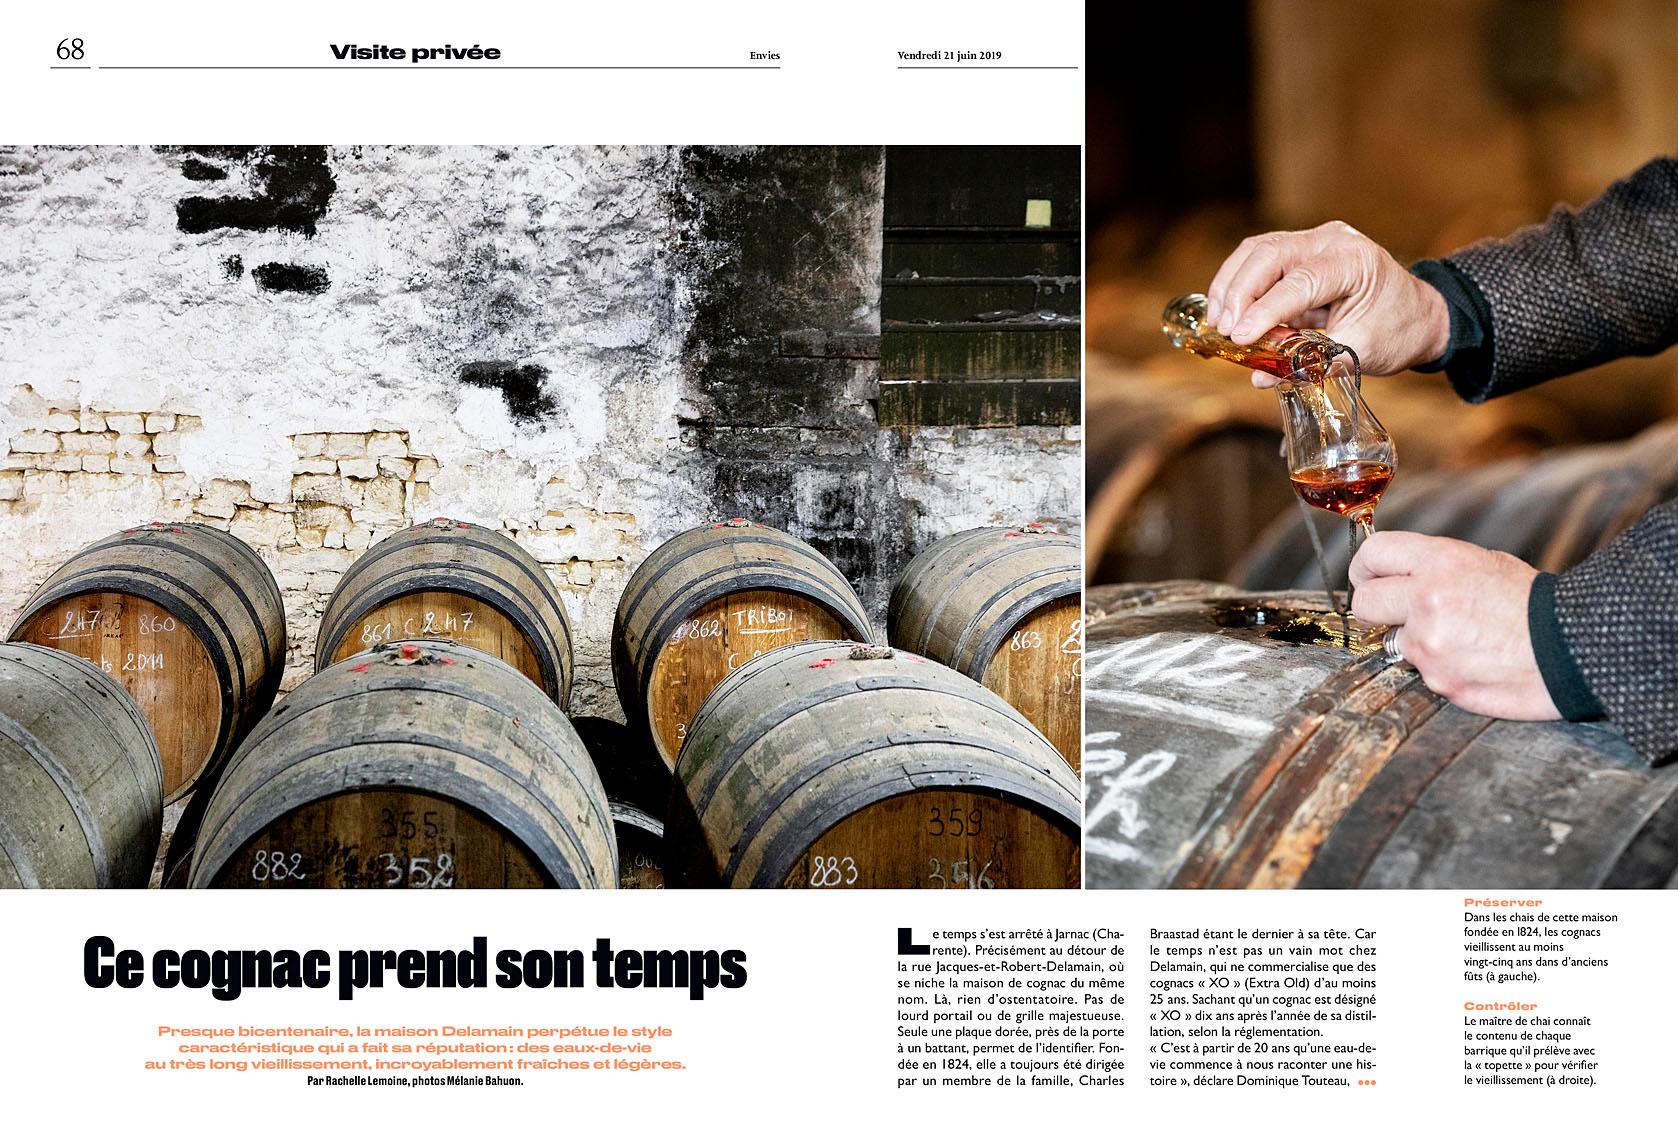 Le Parisien Week-end du 21 juin 2019. Visite privée de la maison de cognac Delamain. Article Rachelle Lemoine.